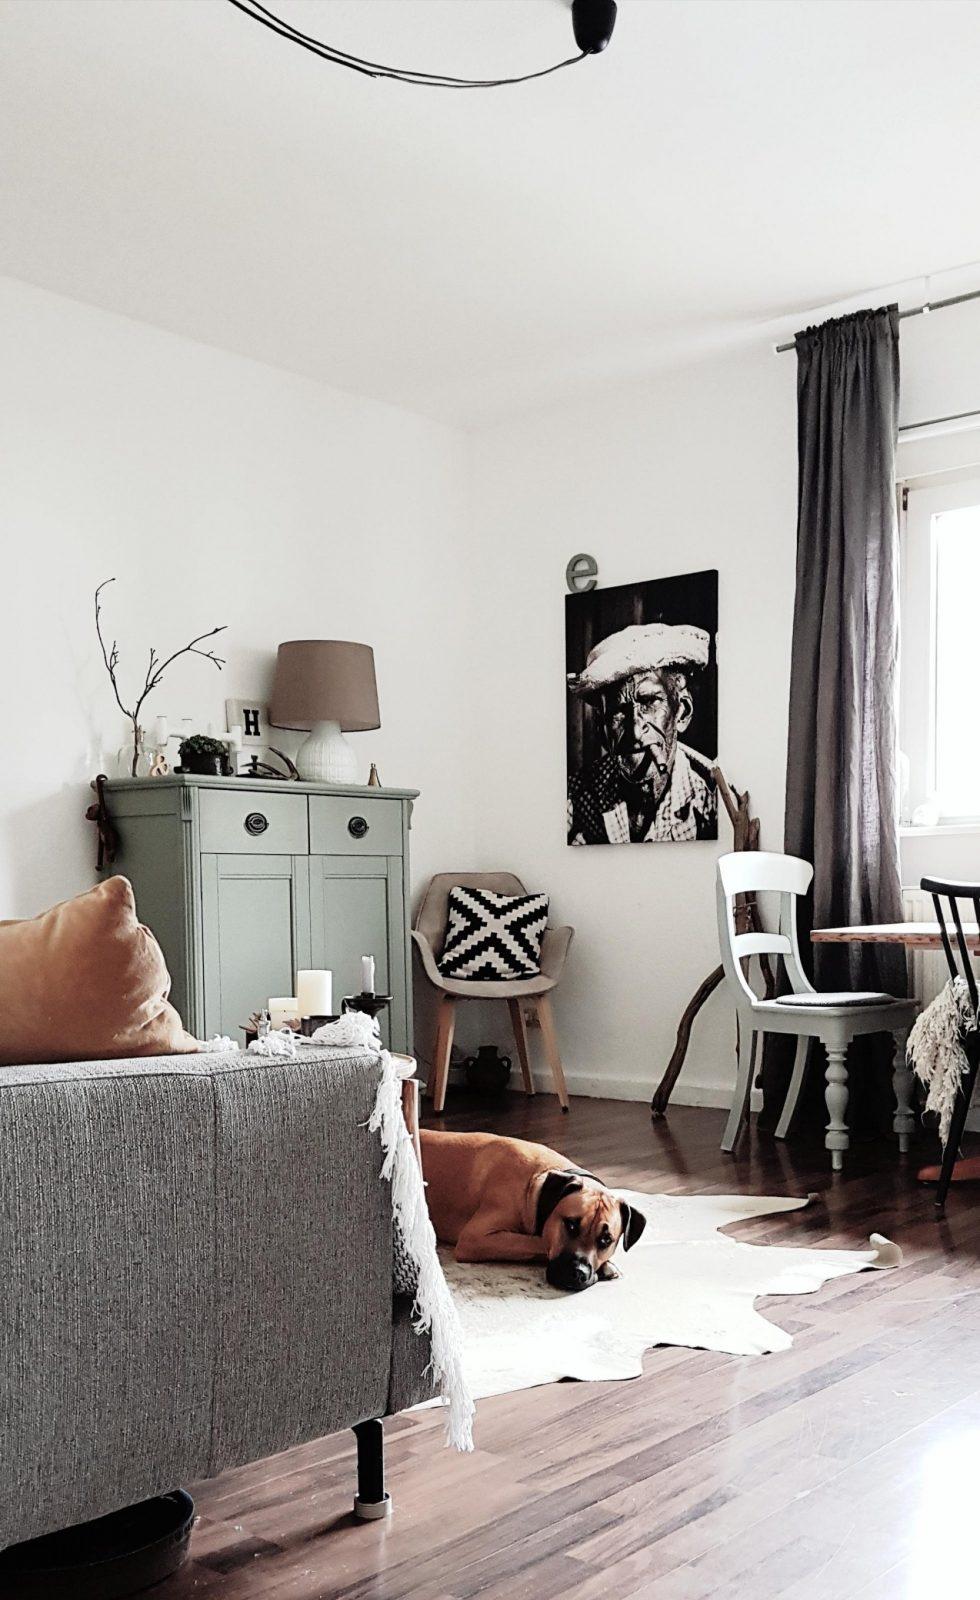 Kleine Räume Größer Machen So Geht's von Kleine Räume Geschickt Einrichten Bild